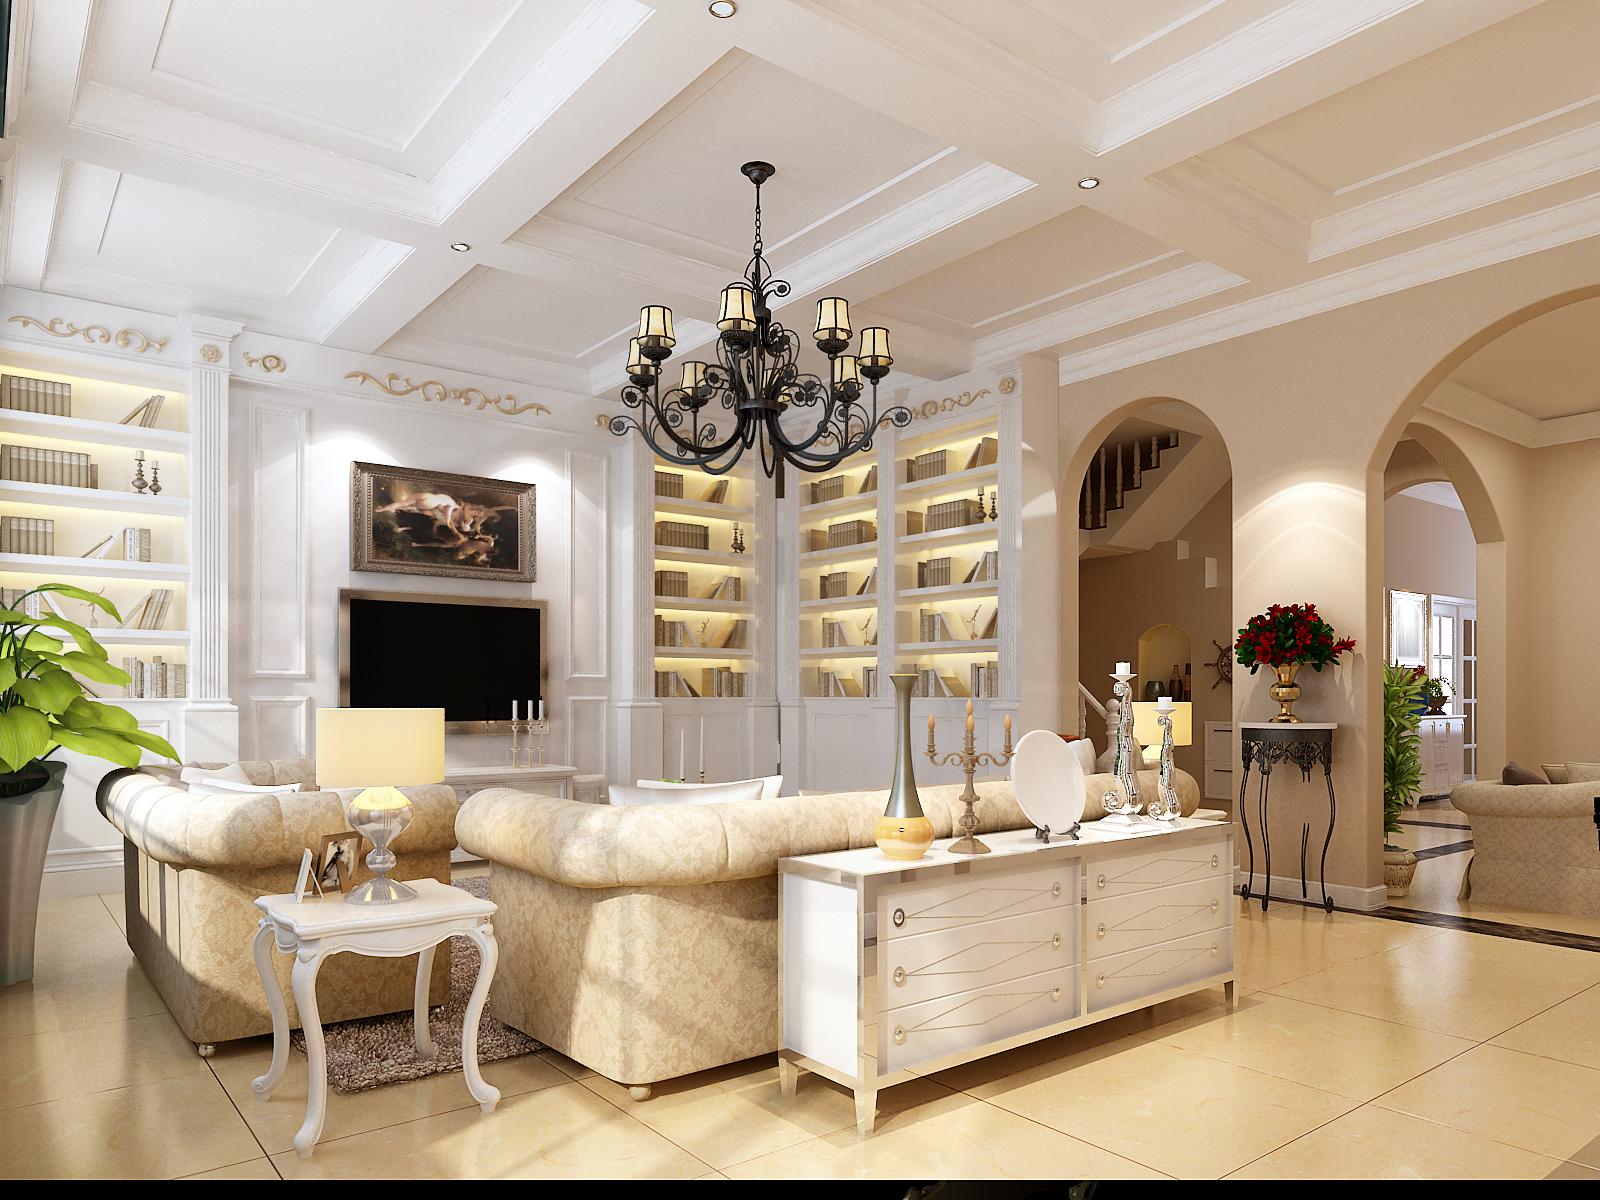 简欧风格 实创装饰 别墅装修 整体家装 客厅图片来自北京实创装饰在中海尚湖300平米别墅简欧风格的分享